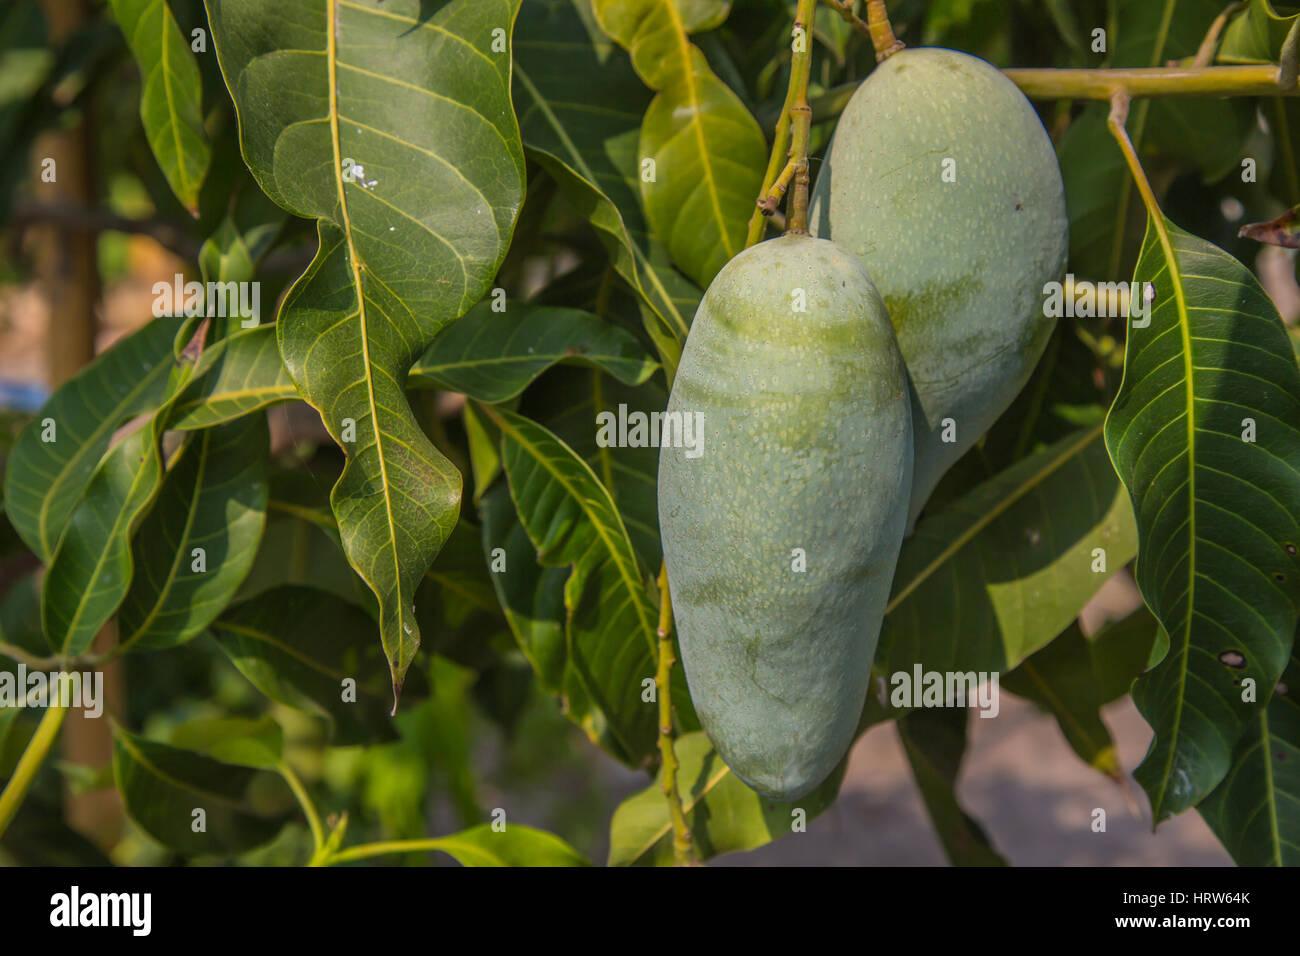 Cerca de mango verde en el árbol. Foto de stock